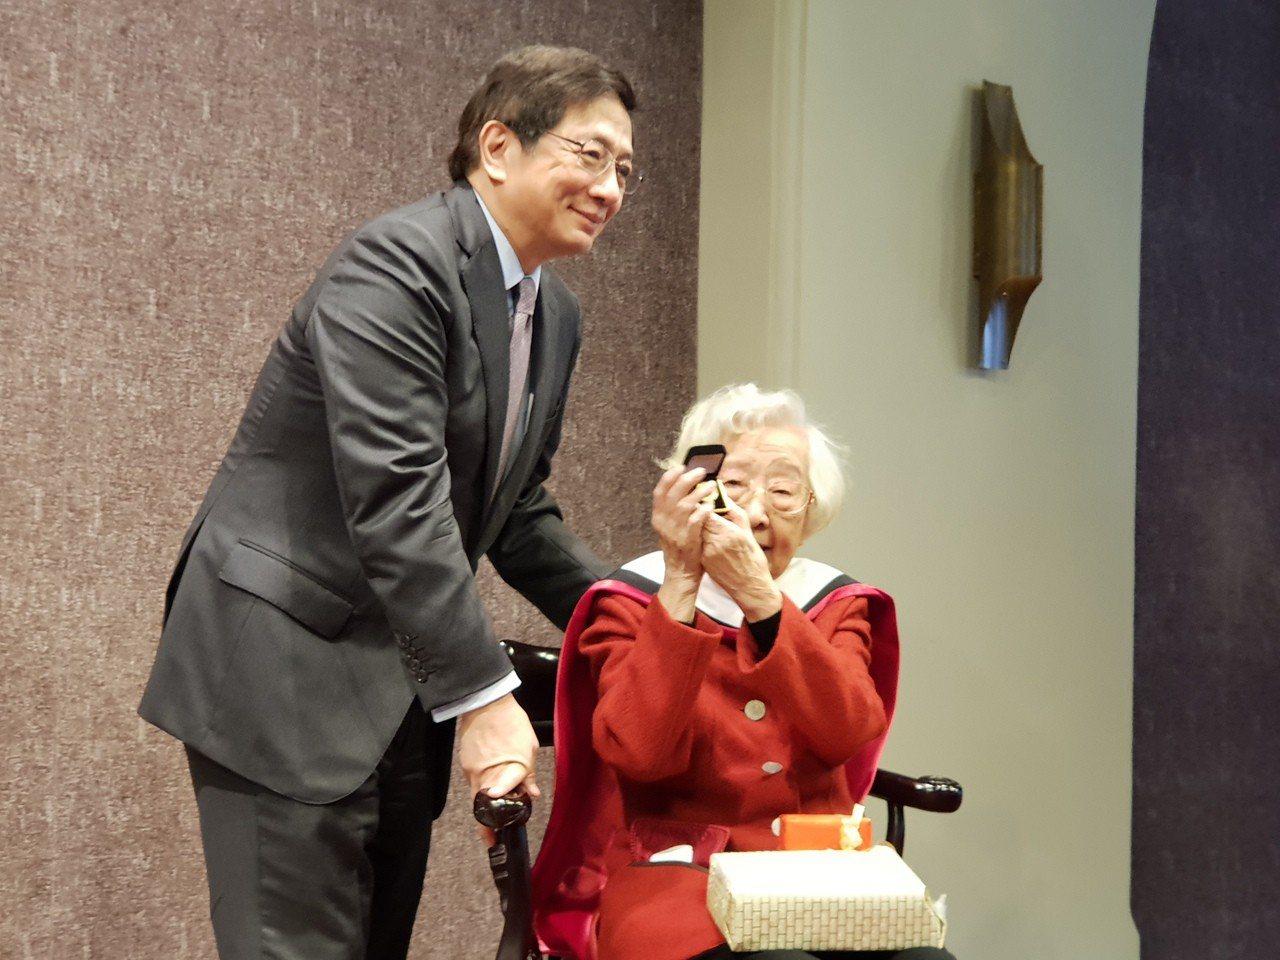 台大校長管中閔致贈名譽博士徽章予台大名譽教授齊邦媛。記者陳宛茜/攝影